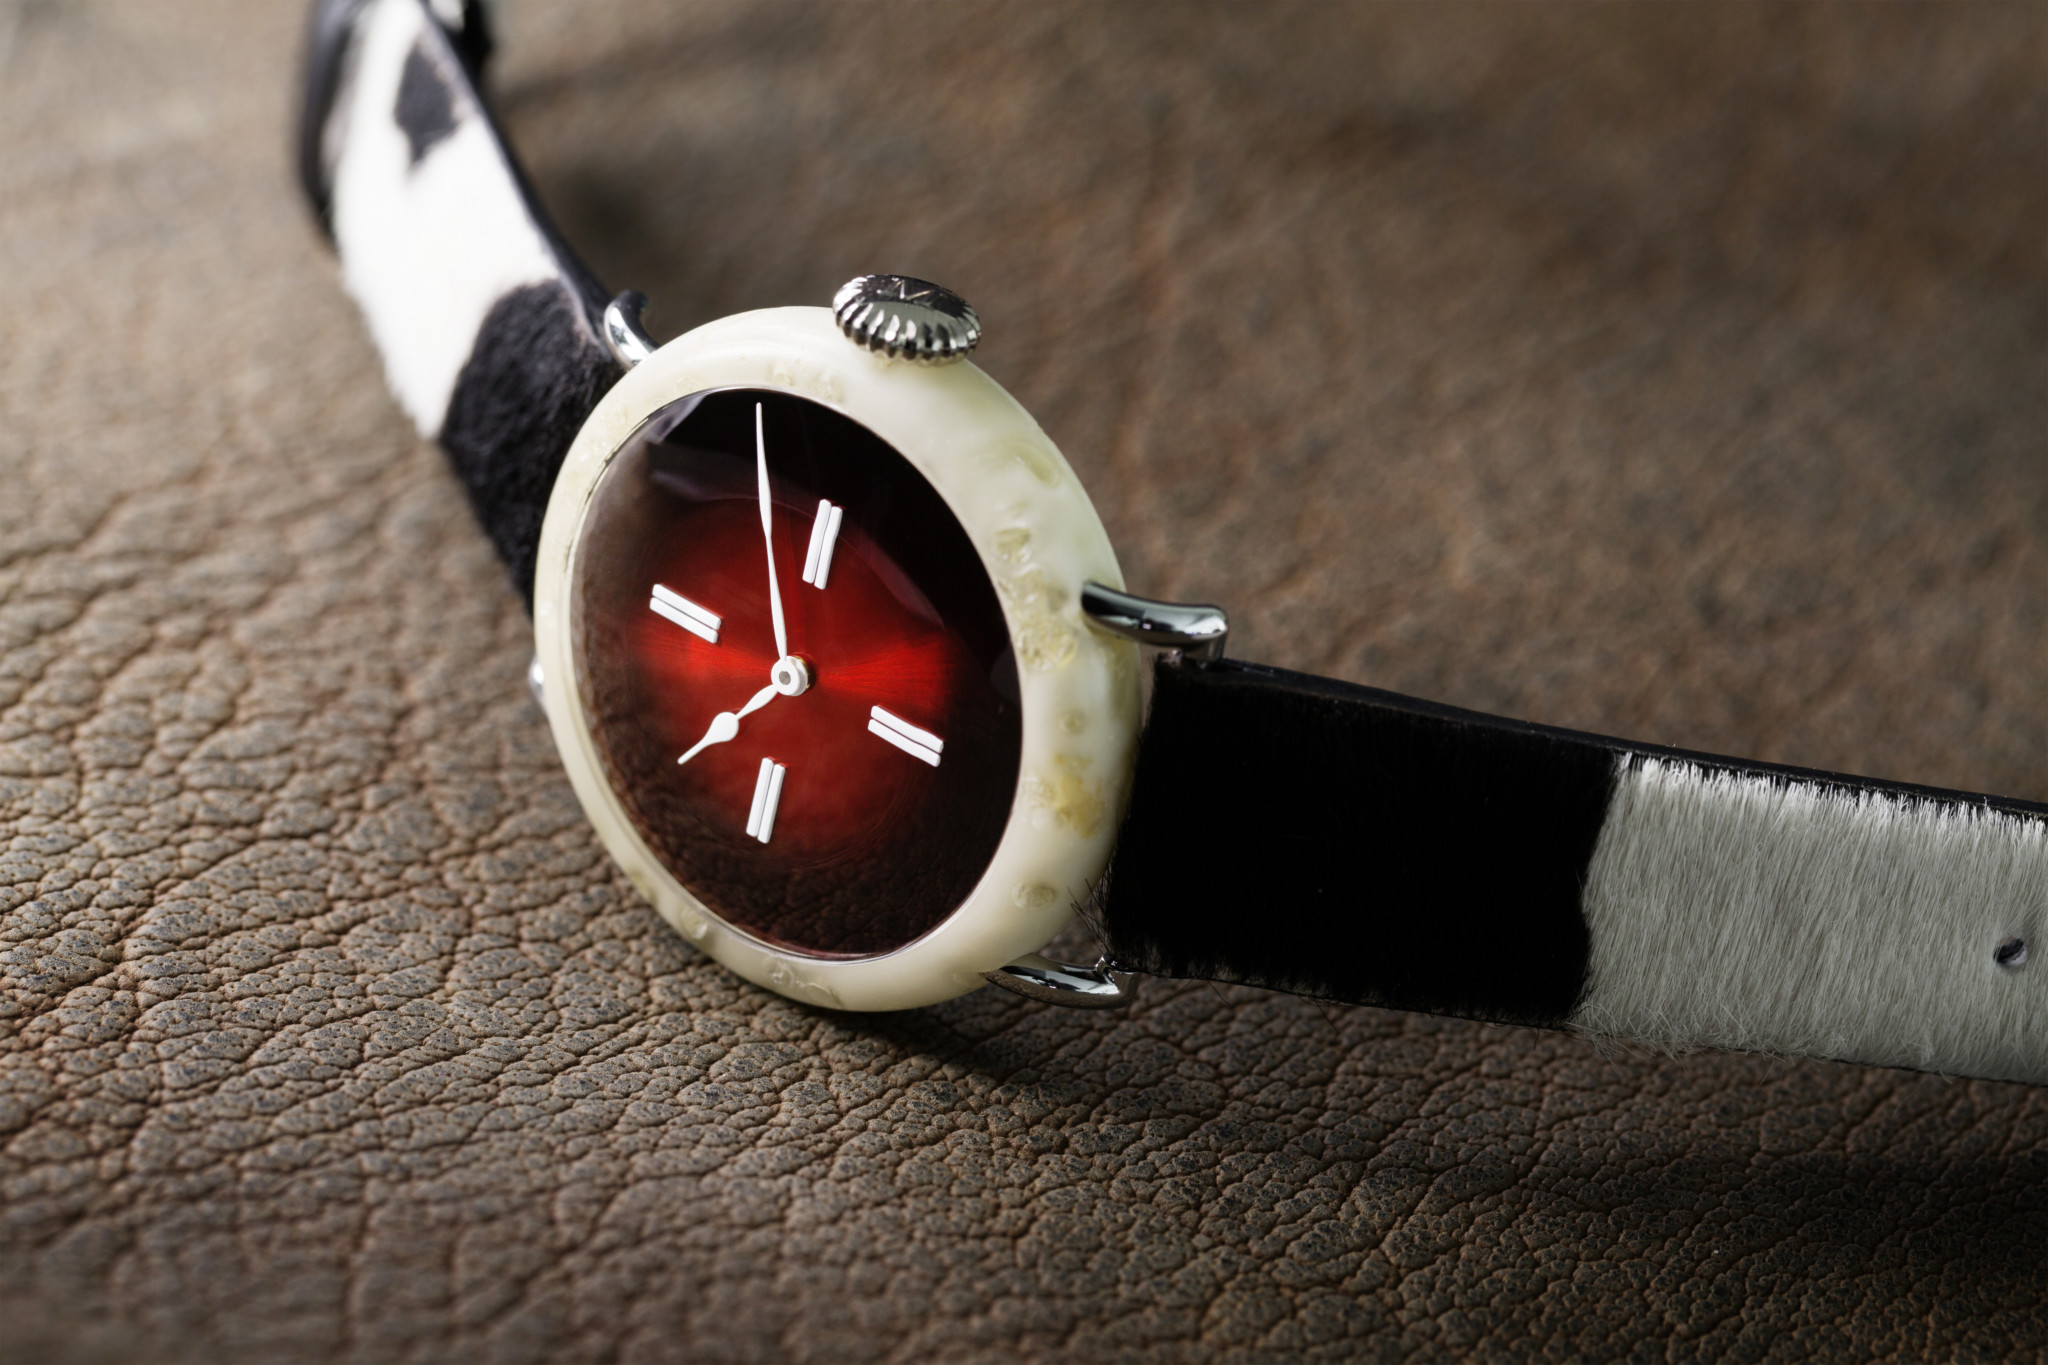 Swiss_Mad_Watch_8327-1400_Lifestyle_RGB